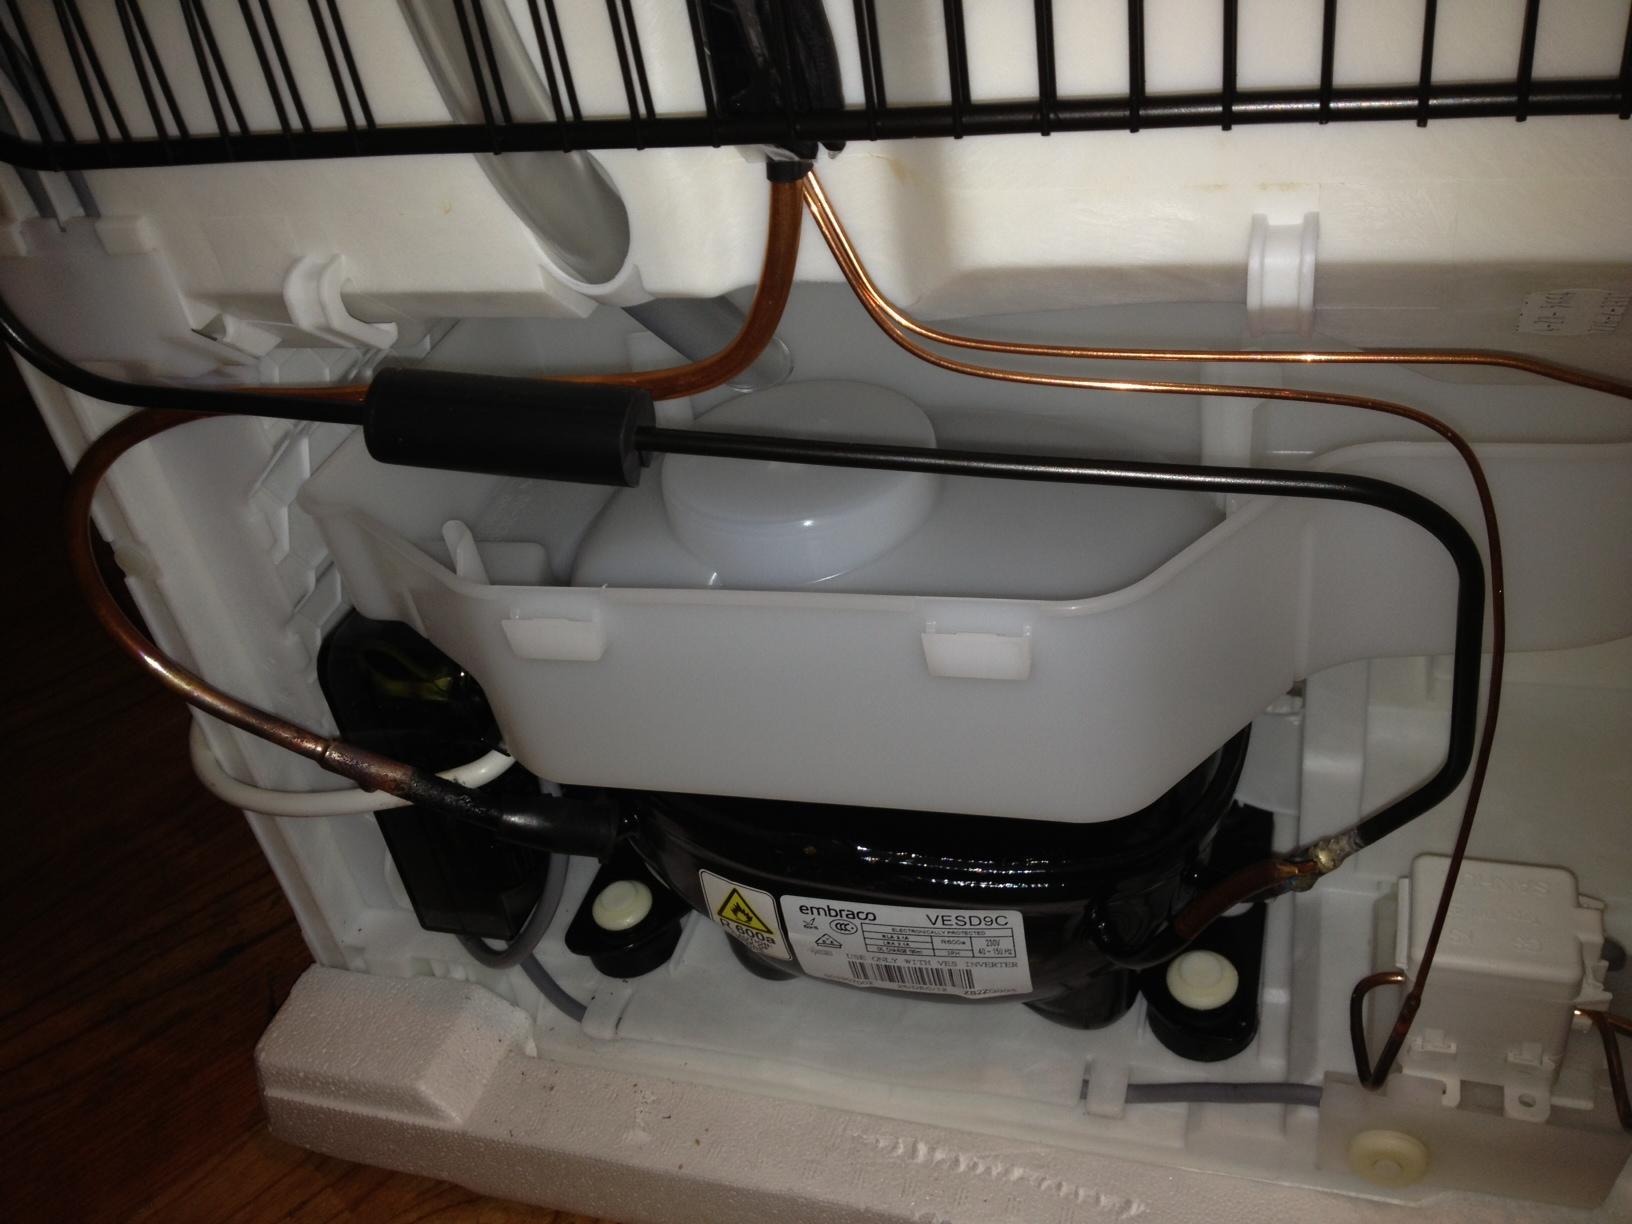 Bomann Kühlschrank Kühlt Nicht Mehr Richtig : Kühlschrank neu geliefert funktioniert nicht reparatur